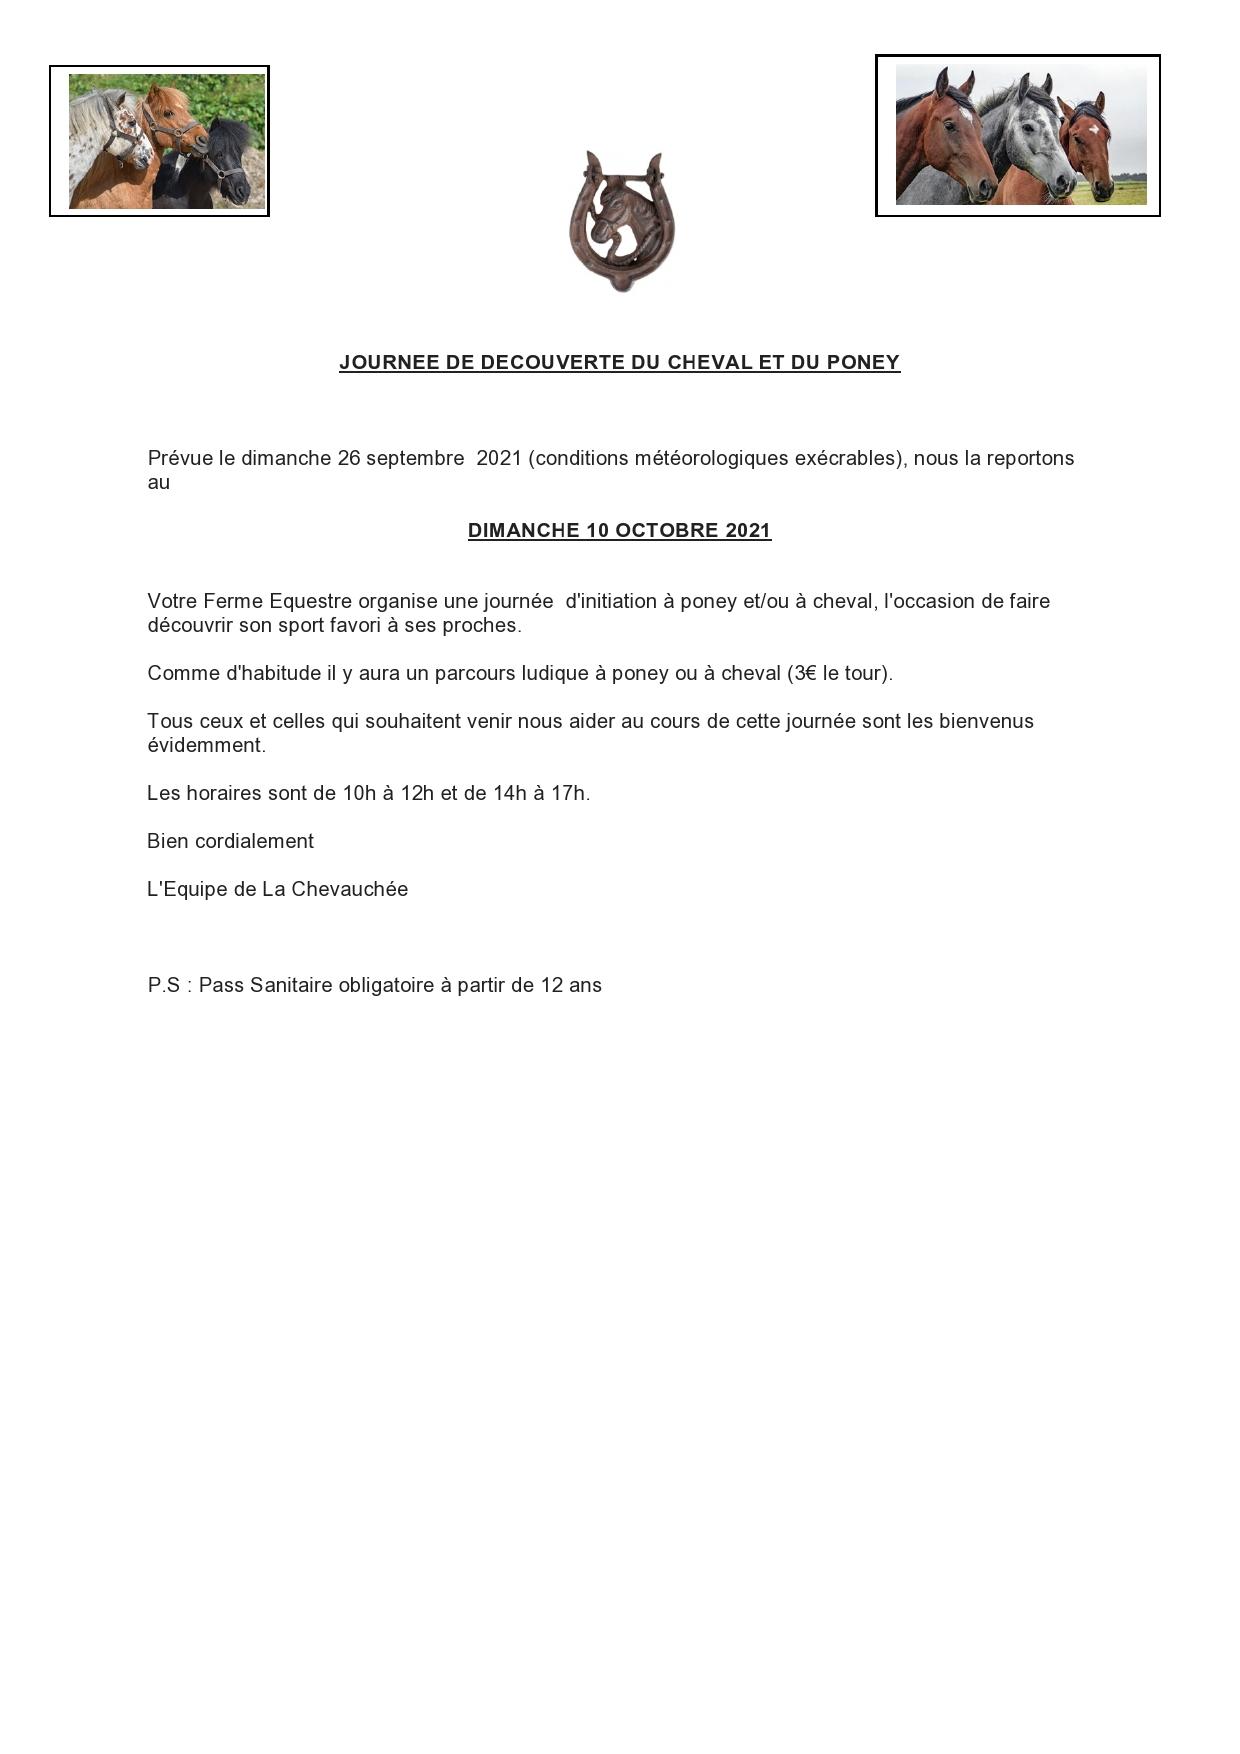 JOURNEE DE DECOUVERTE DU CHEVAL ET DU PONEY-page0001.jpg